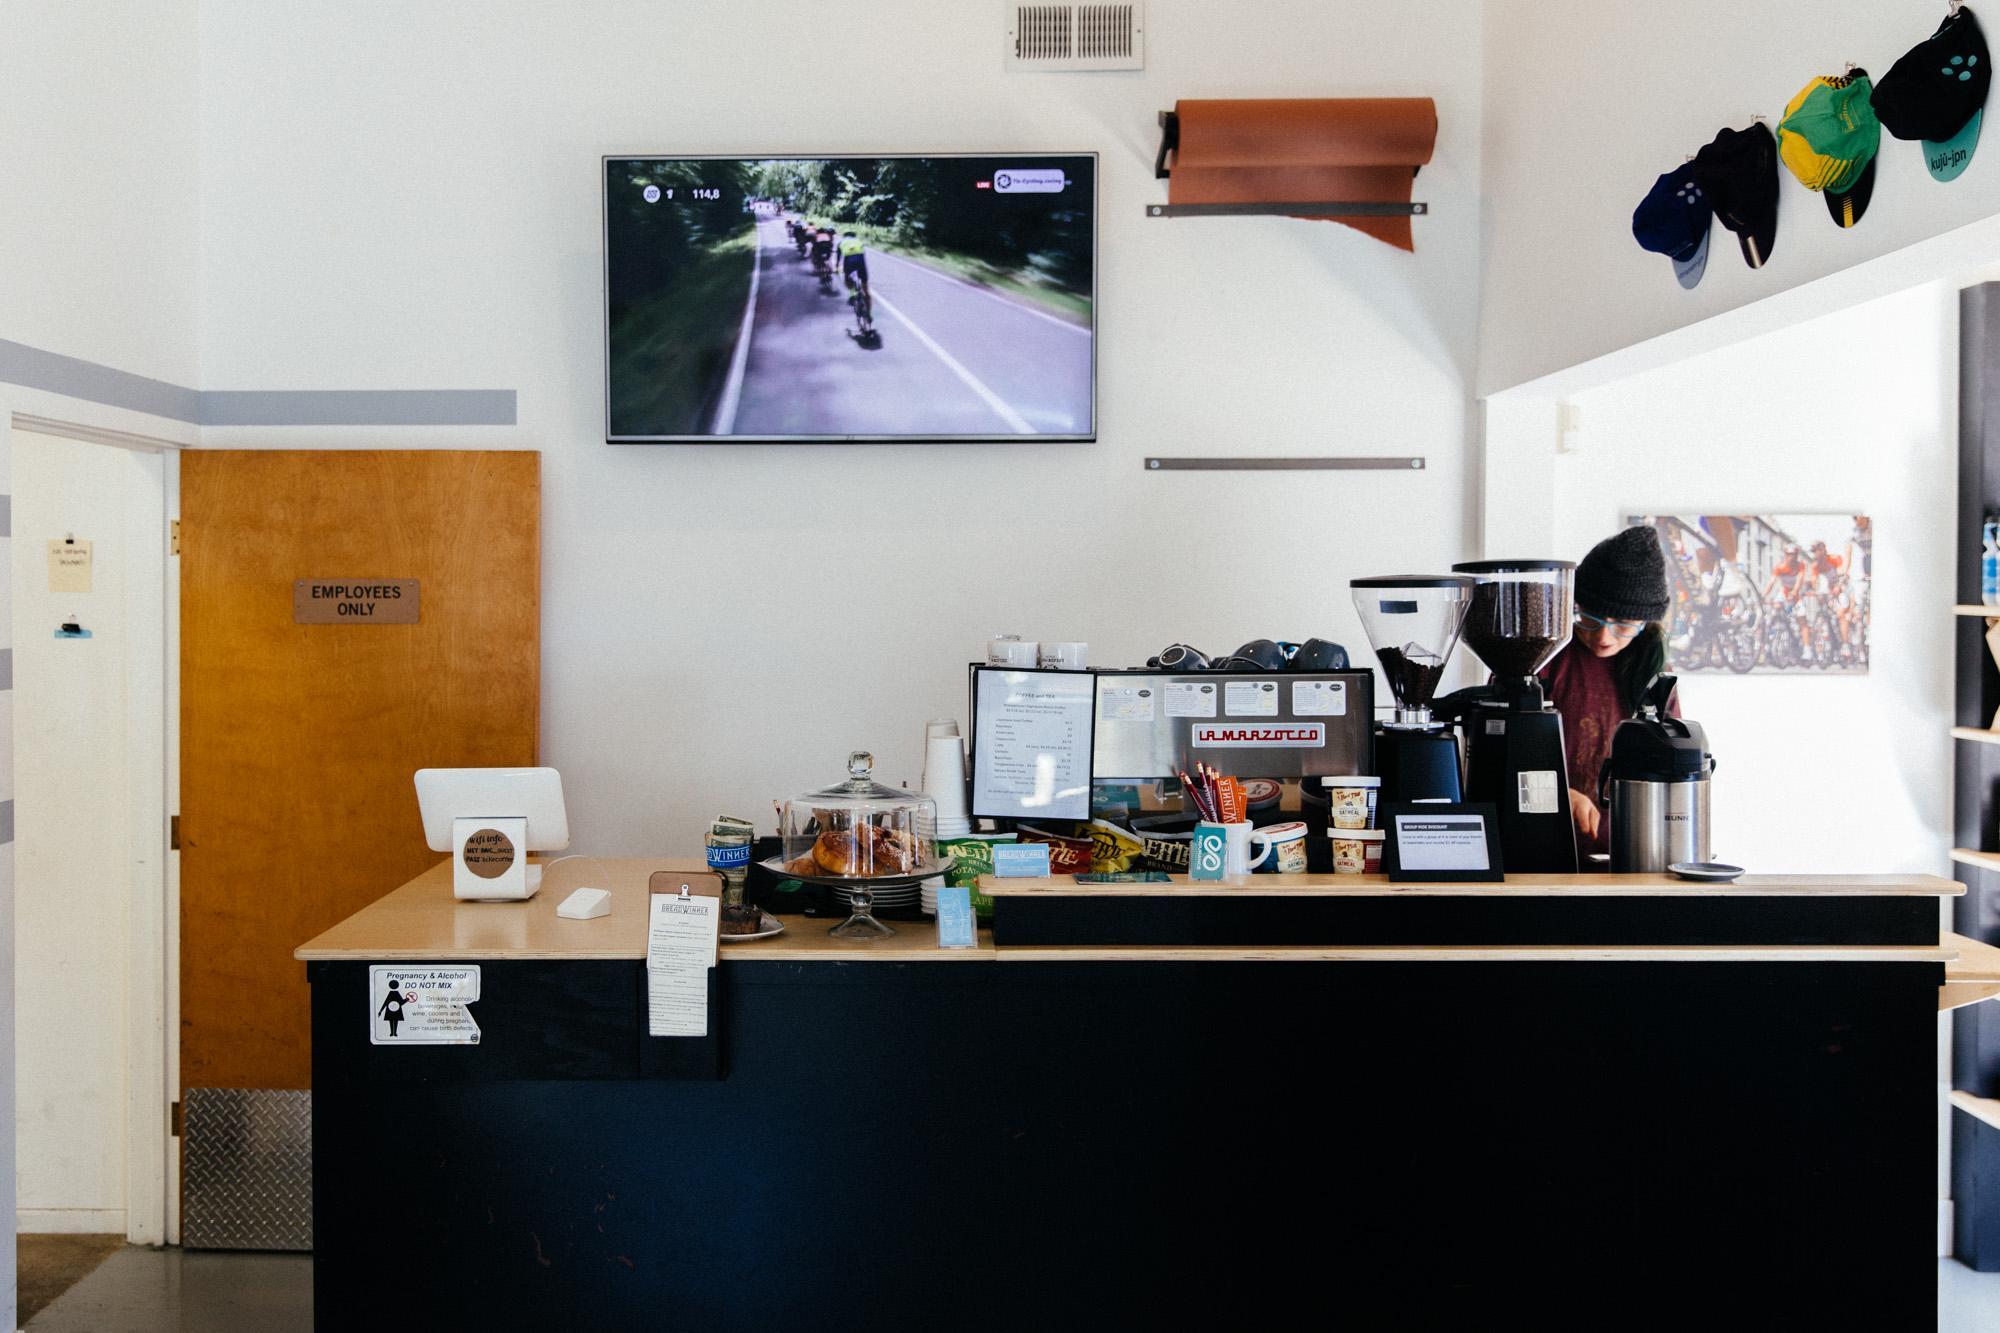 Cafe vignettes